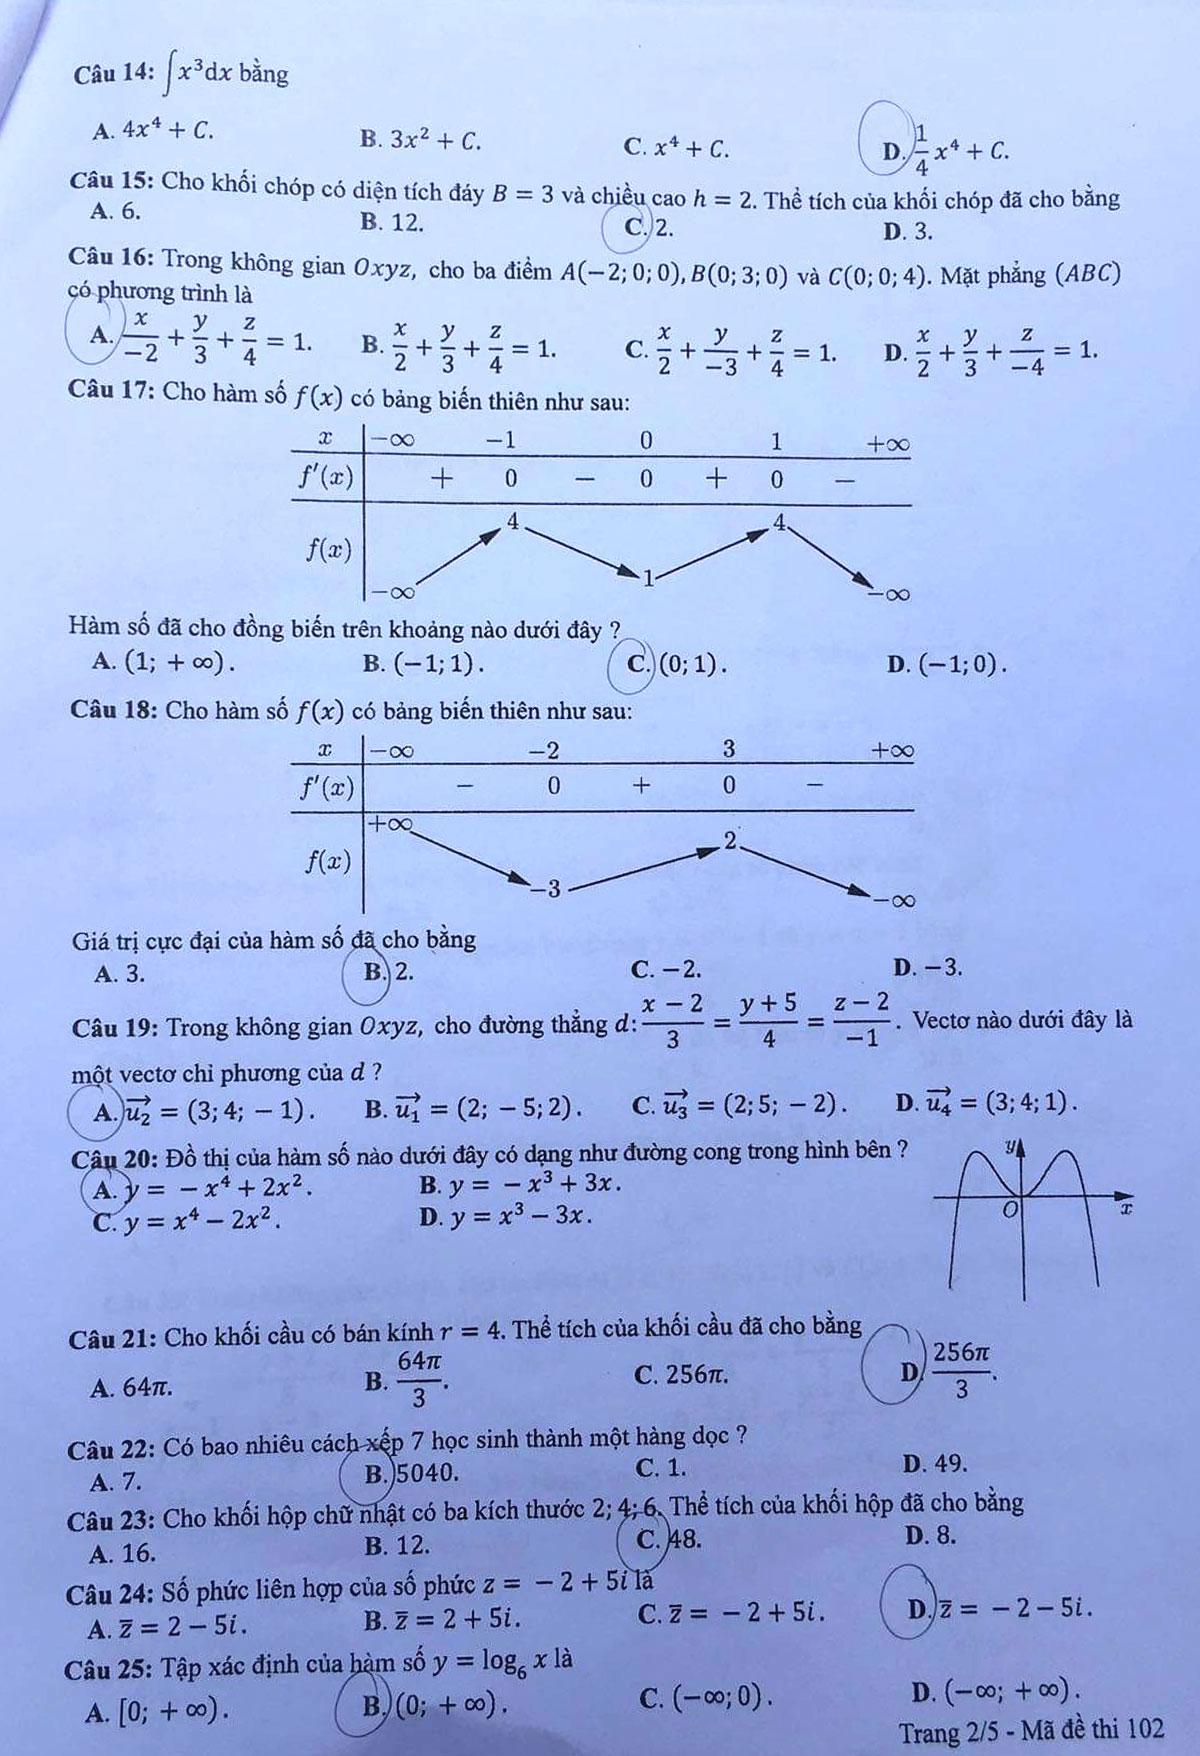 Đề và đáp án Toán thi tốt nghiệp THPT - 2